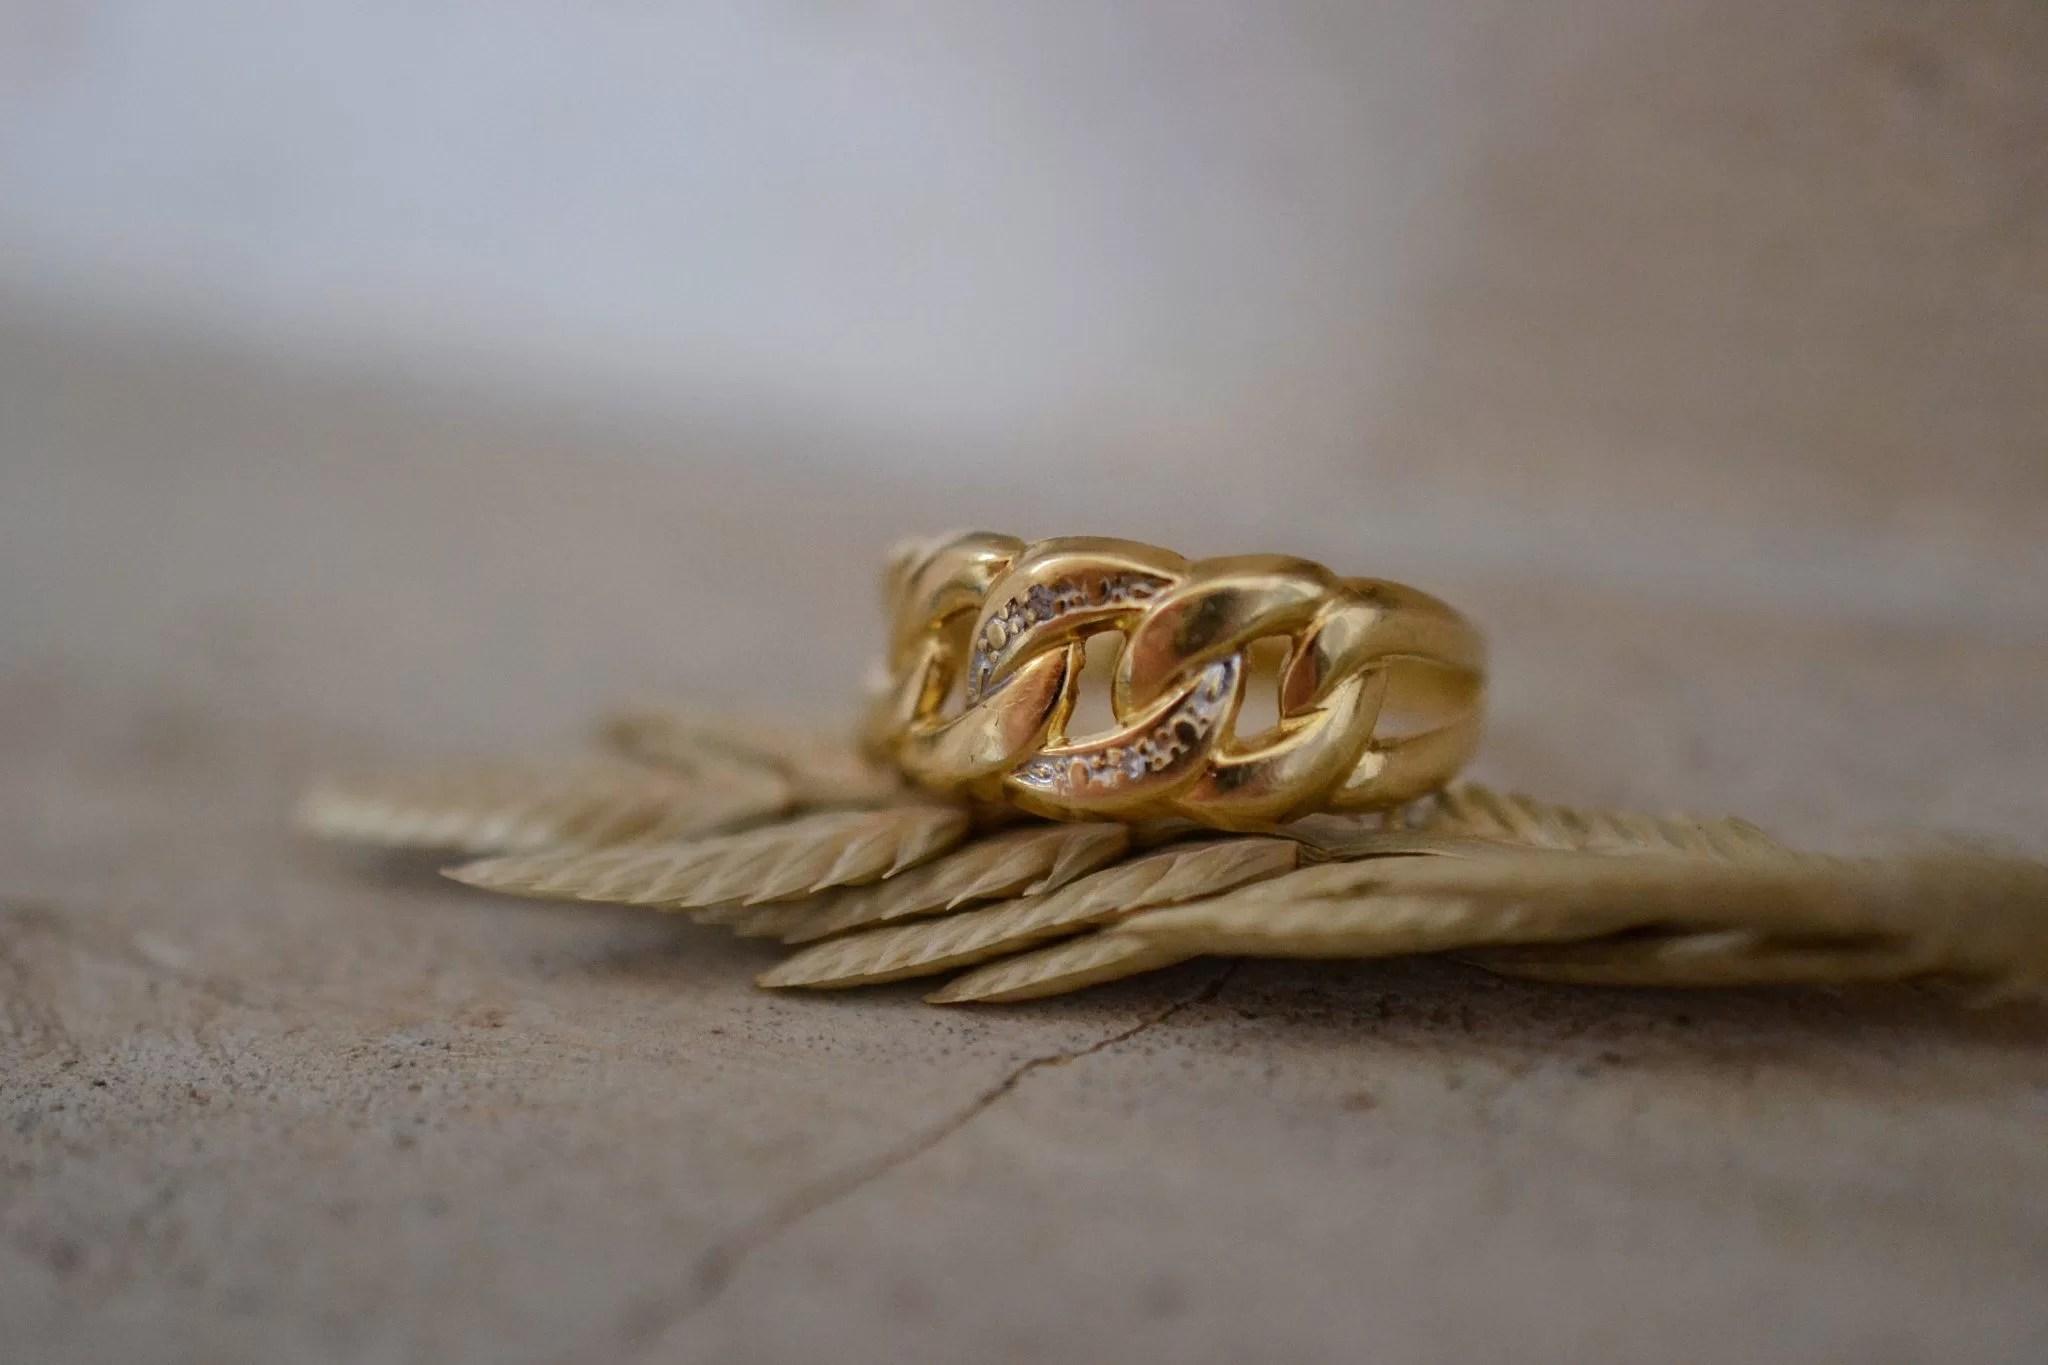 Bague boucles en Or jaune sertie de diamants - bague ancienne